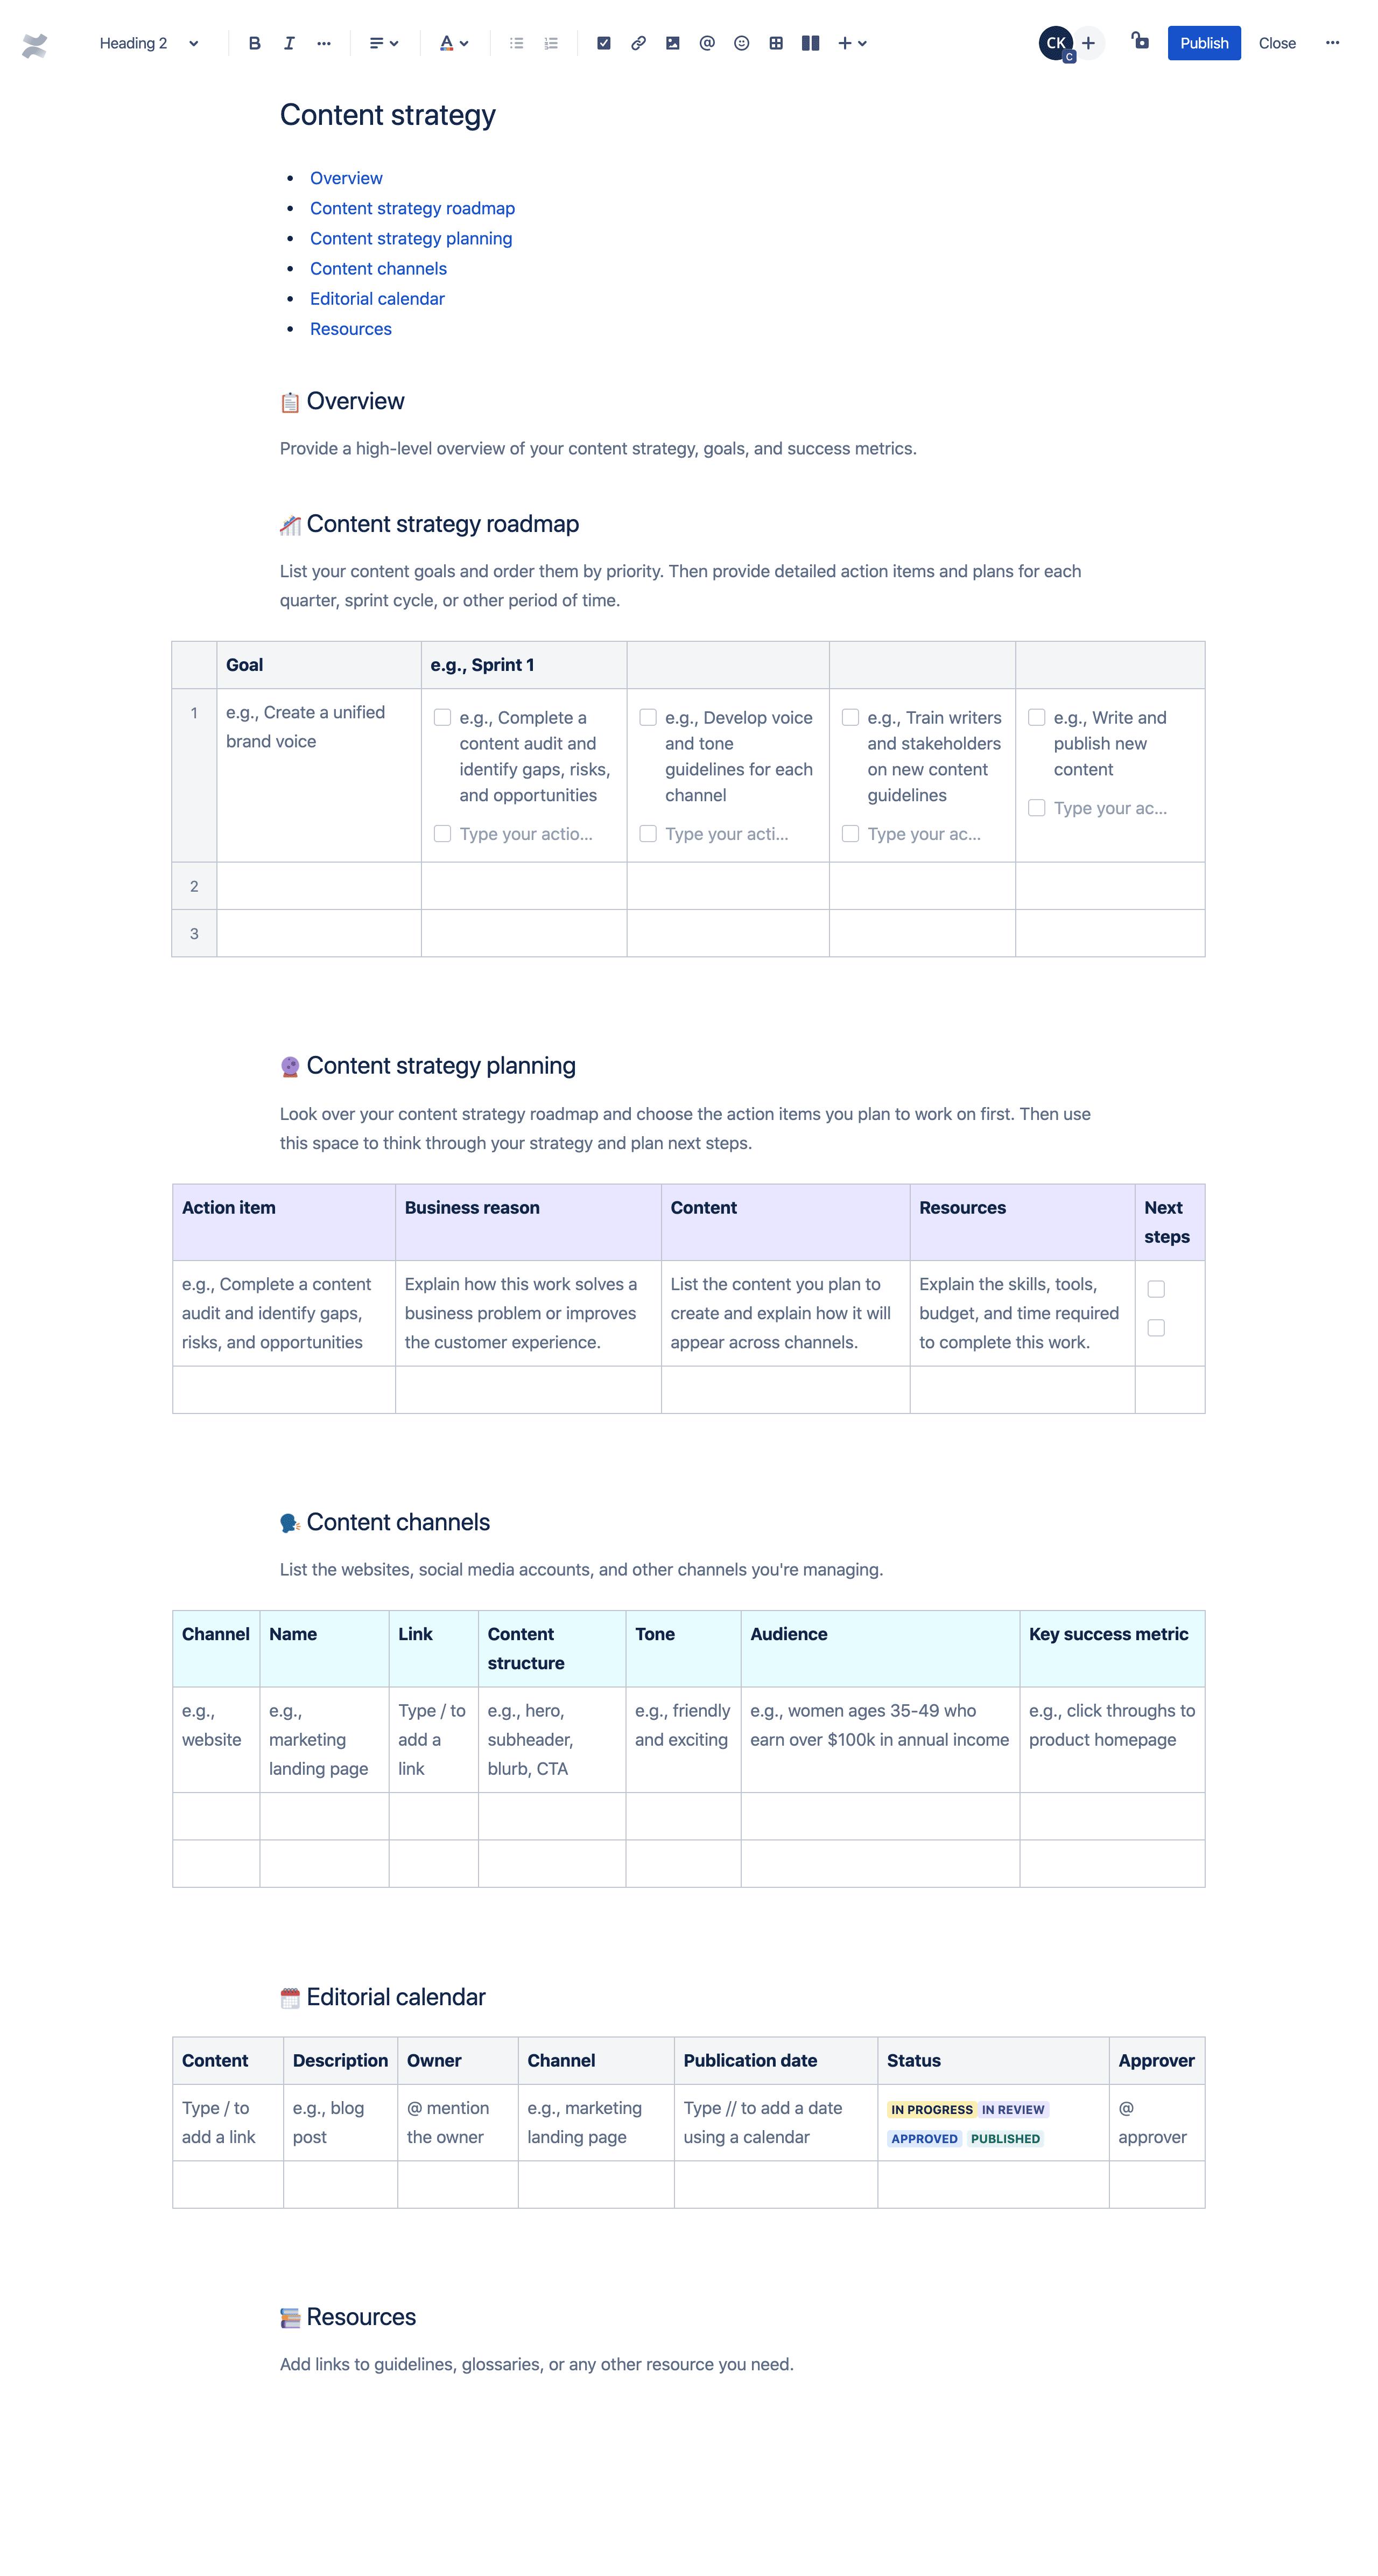 内容策略模板